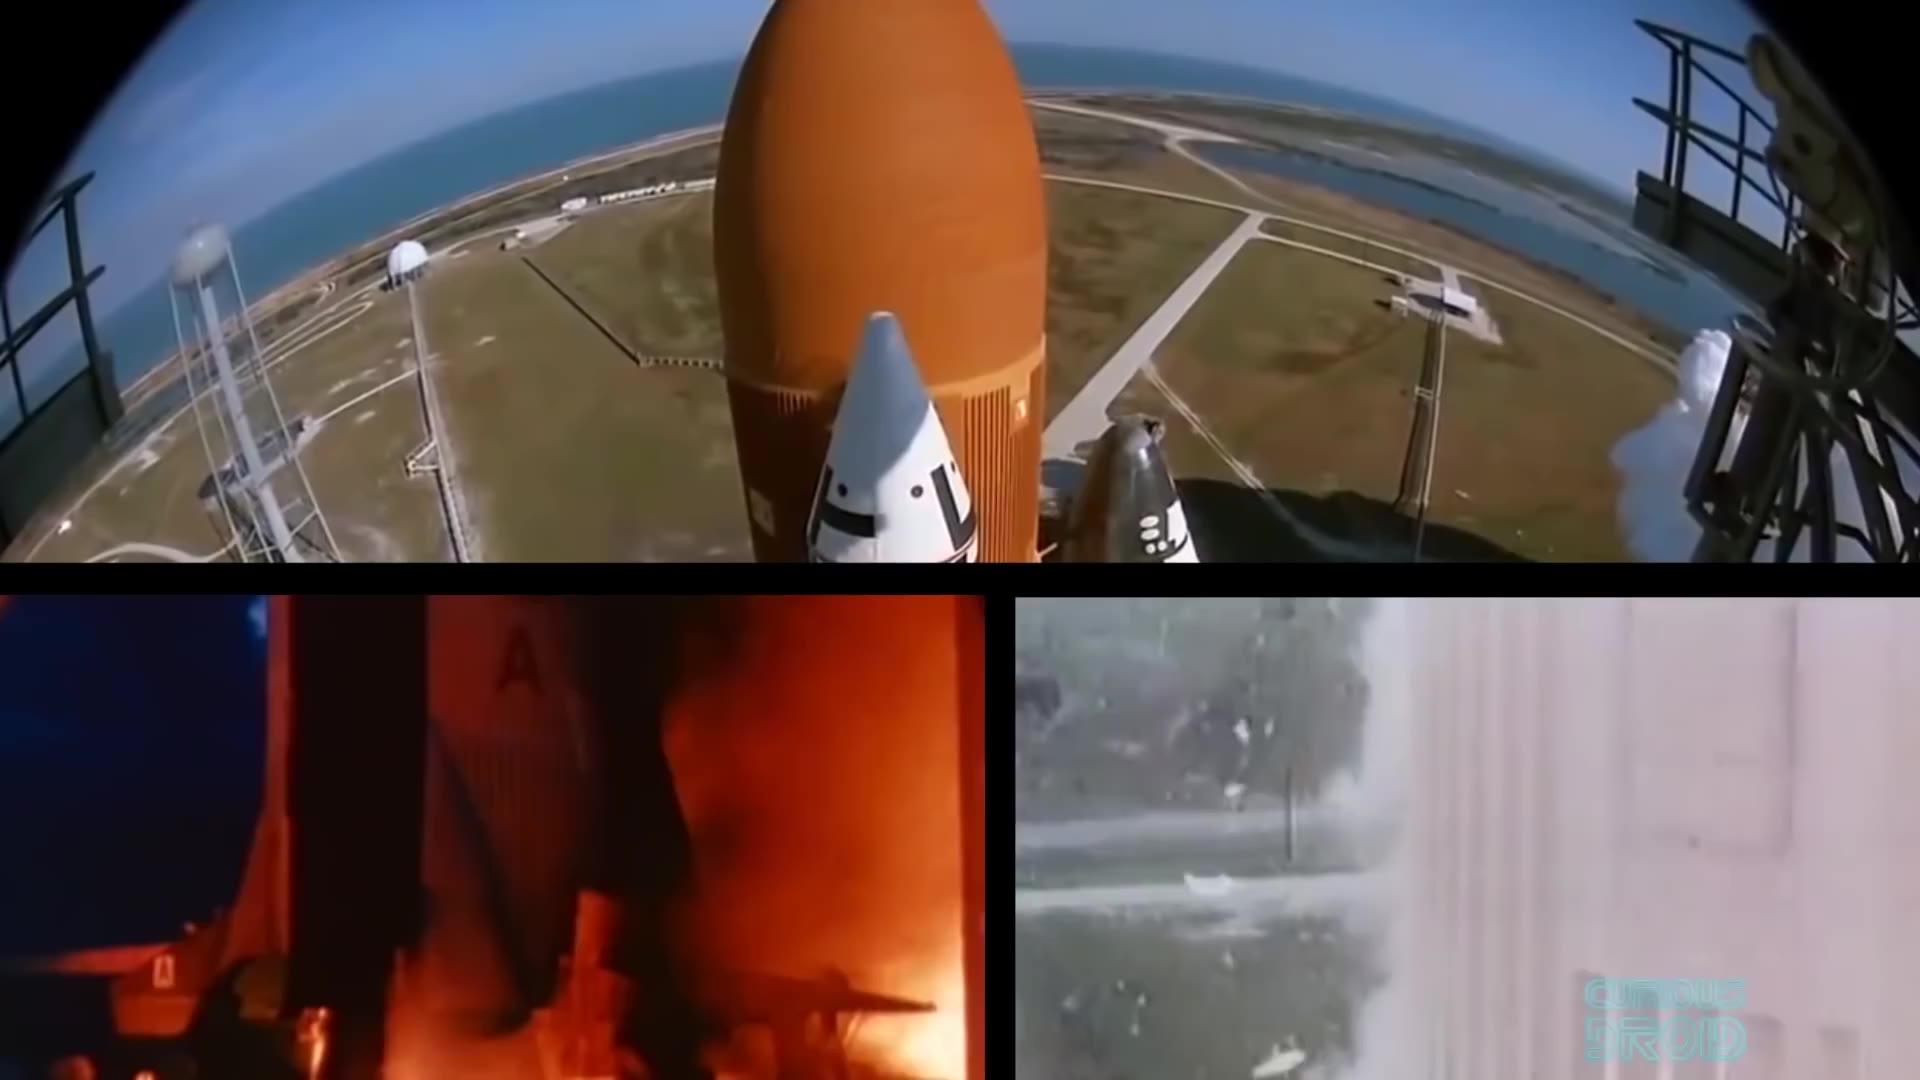 (生肉)NASA是怎样拍摄这些登月计划和航天飞机的镜头的?